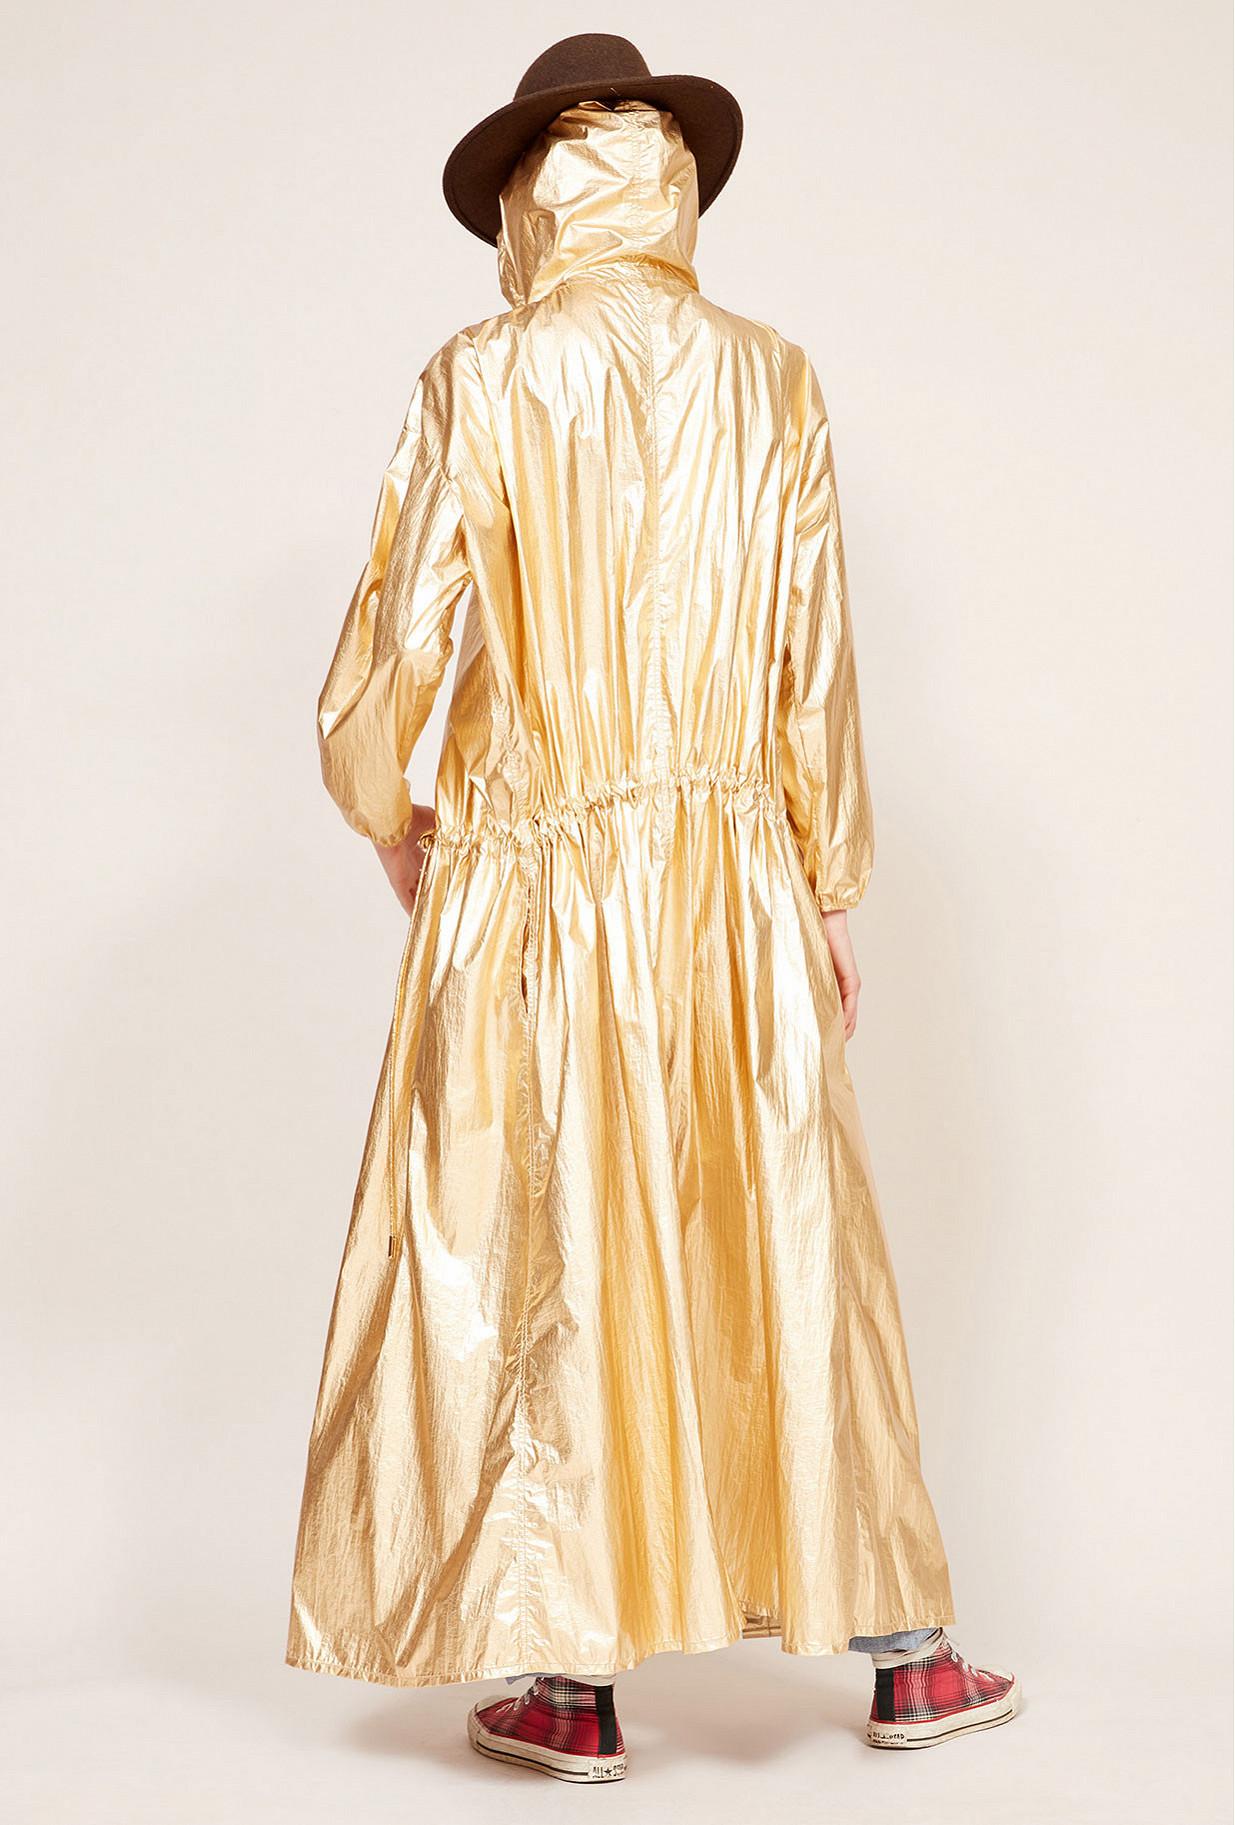 Manteau Or  Odyssee mes demoiselles paris vêtement femme paris